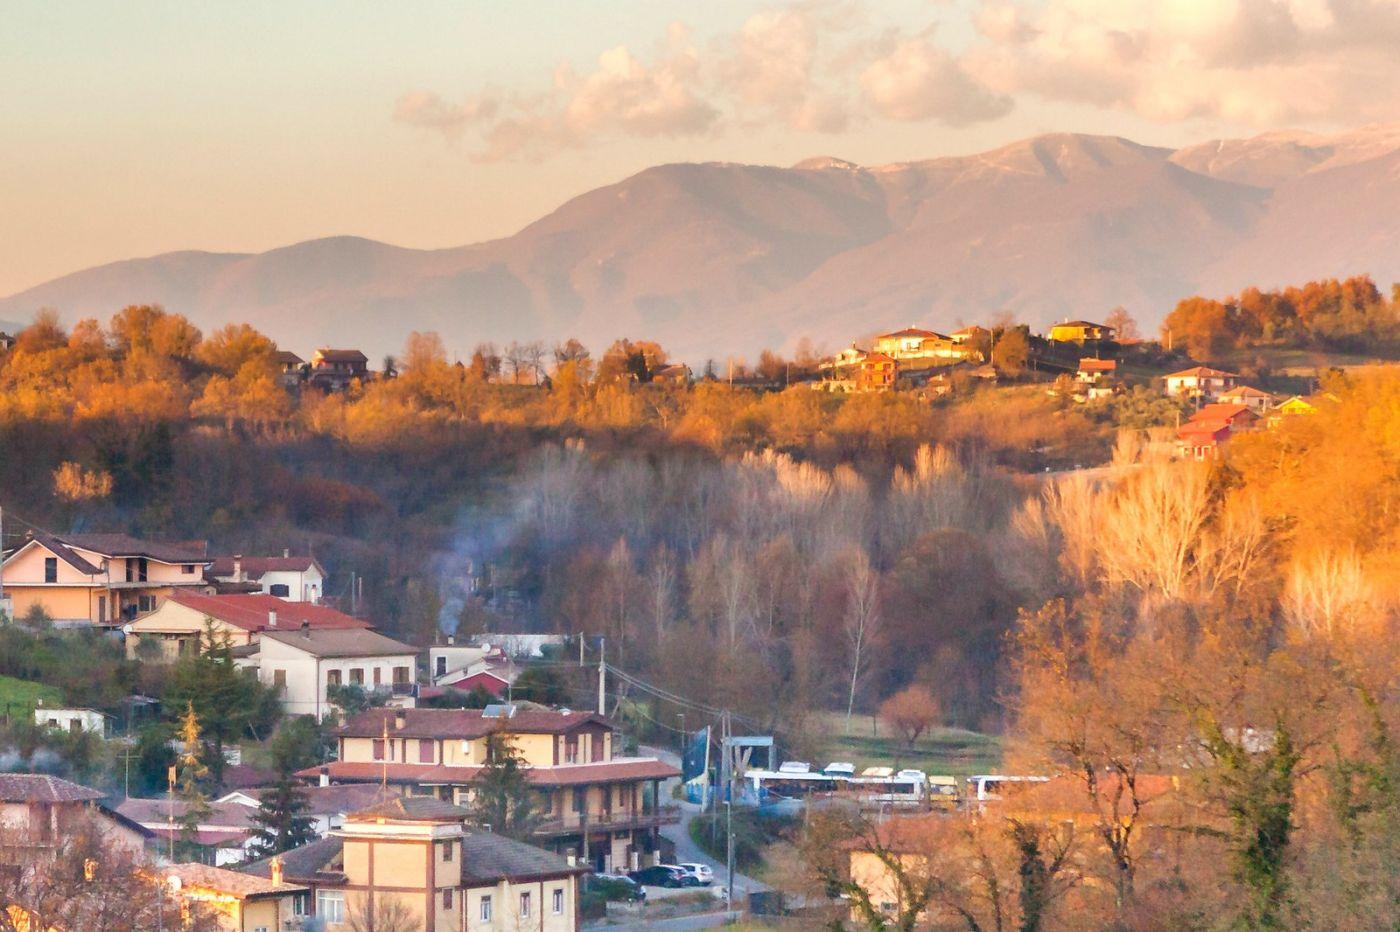 意大利路途,黄昏时的乡村_图1-5